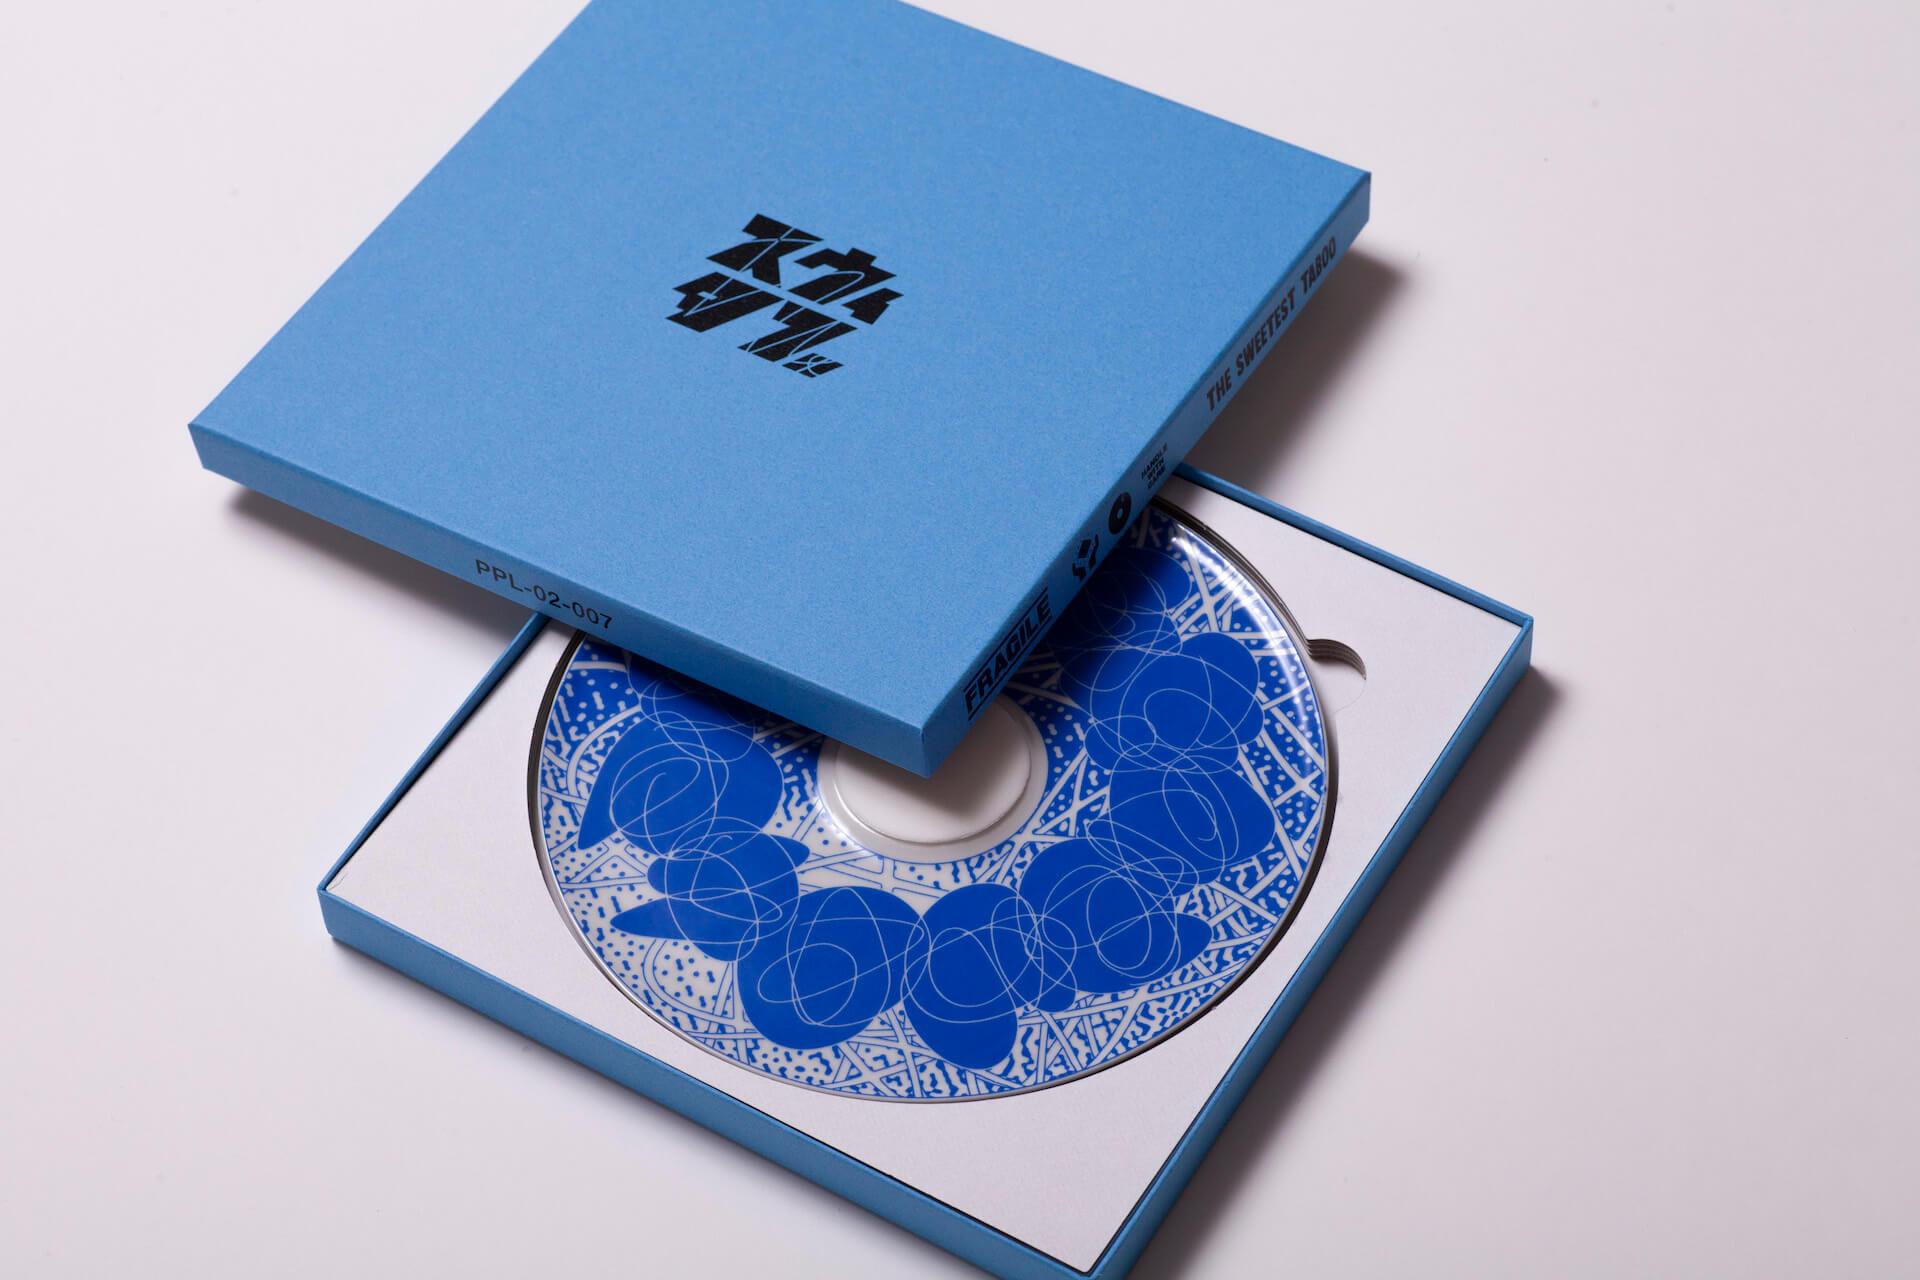 インタビュー:PEOPLEAP『THE SWEETEST TABOO』シリーズ Vol.2 RYU MIENO art201130_peopleap_ryumieno_06